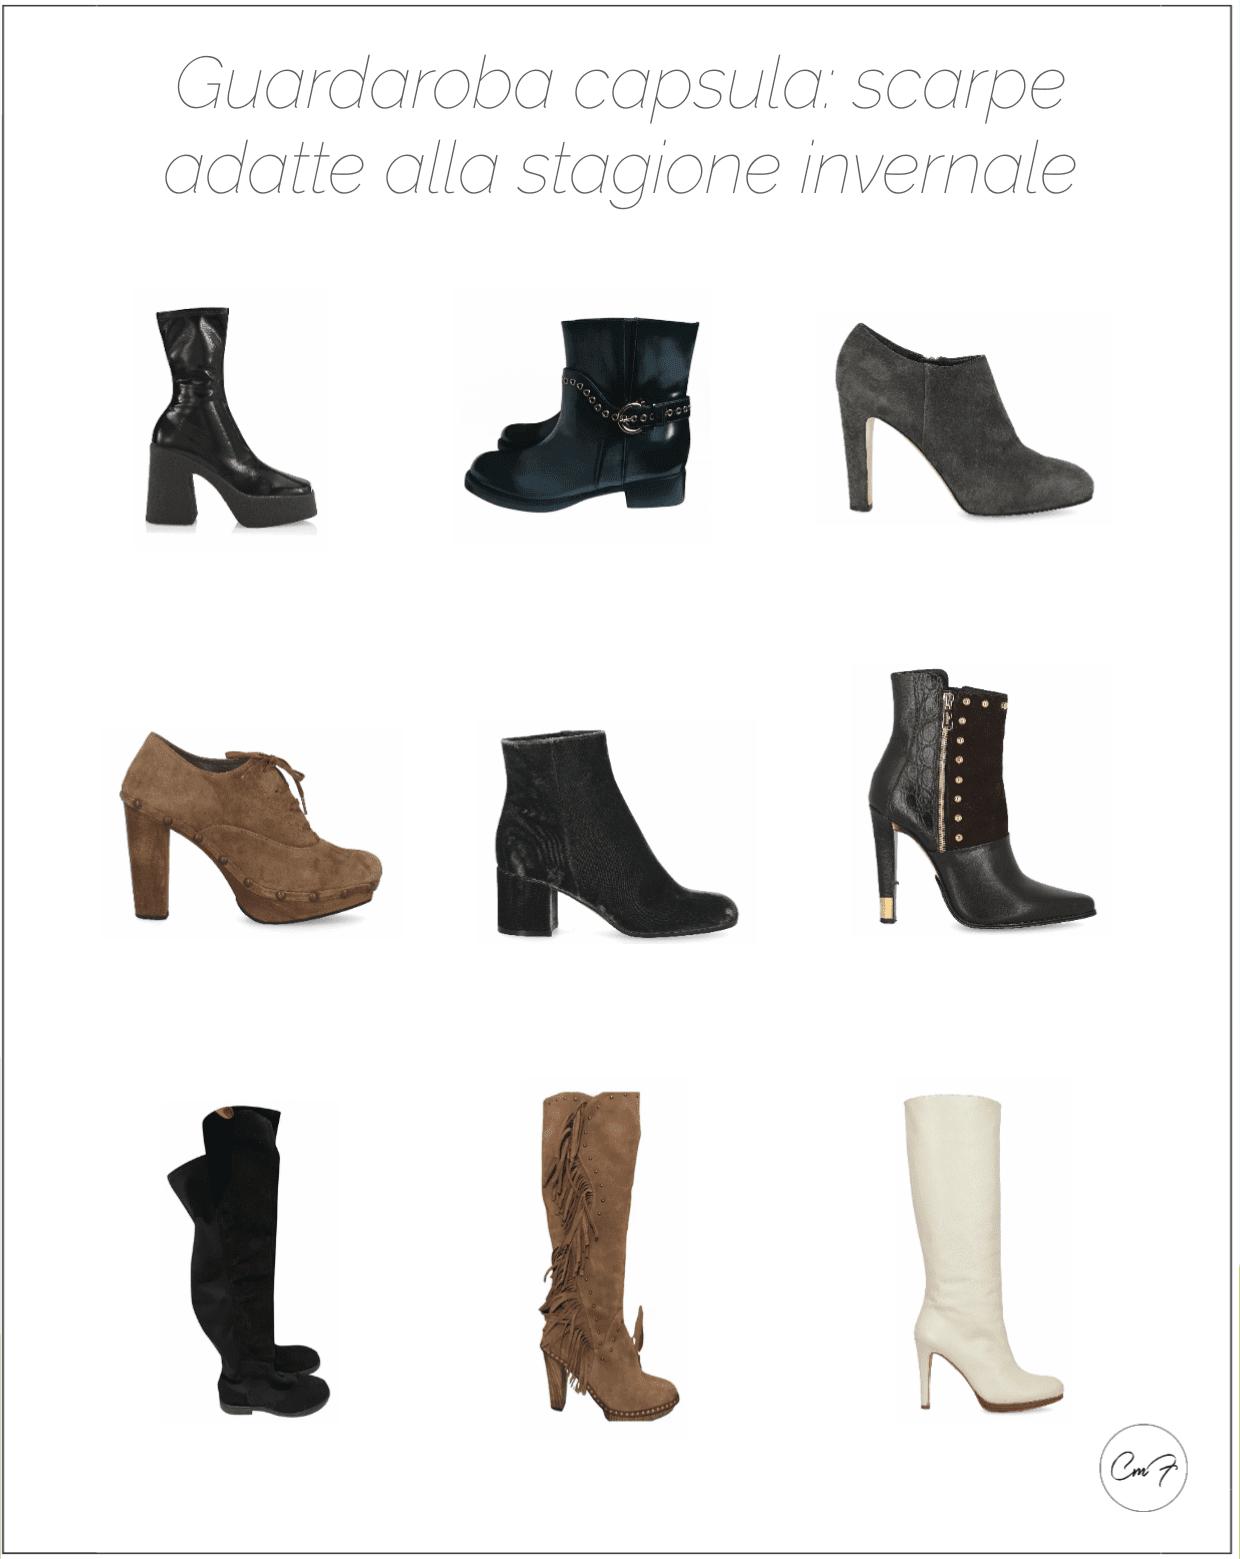 guardaroba capsula esempi di stivali invernali